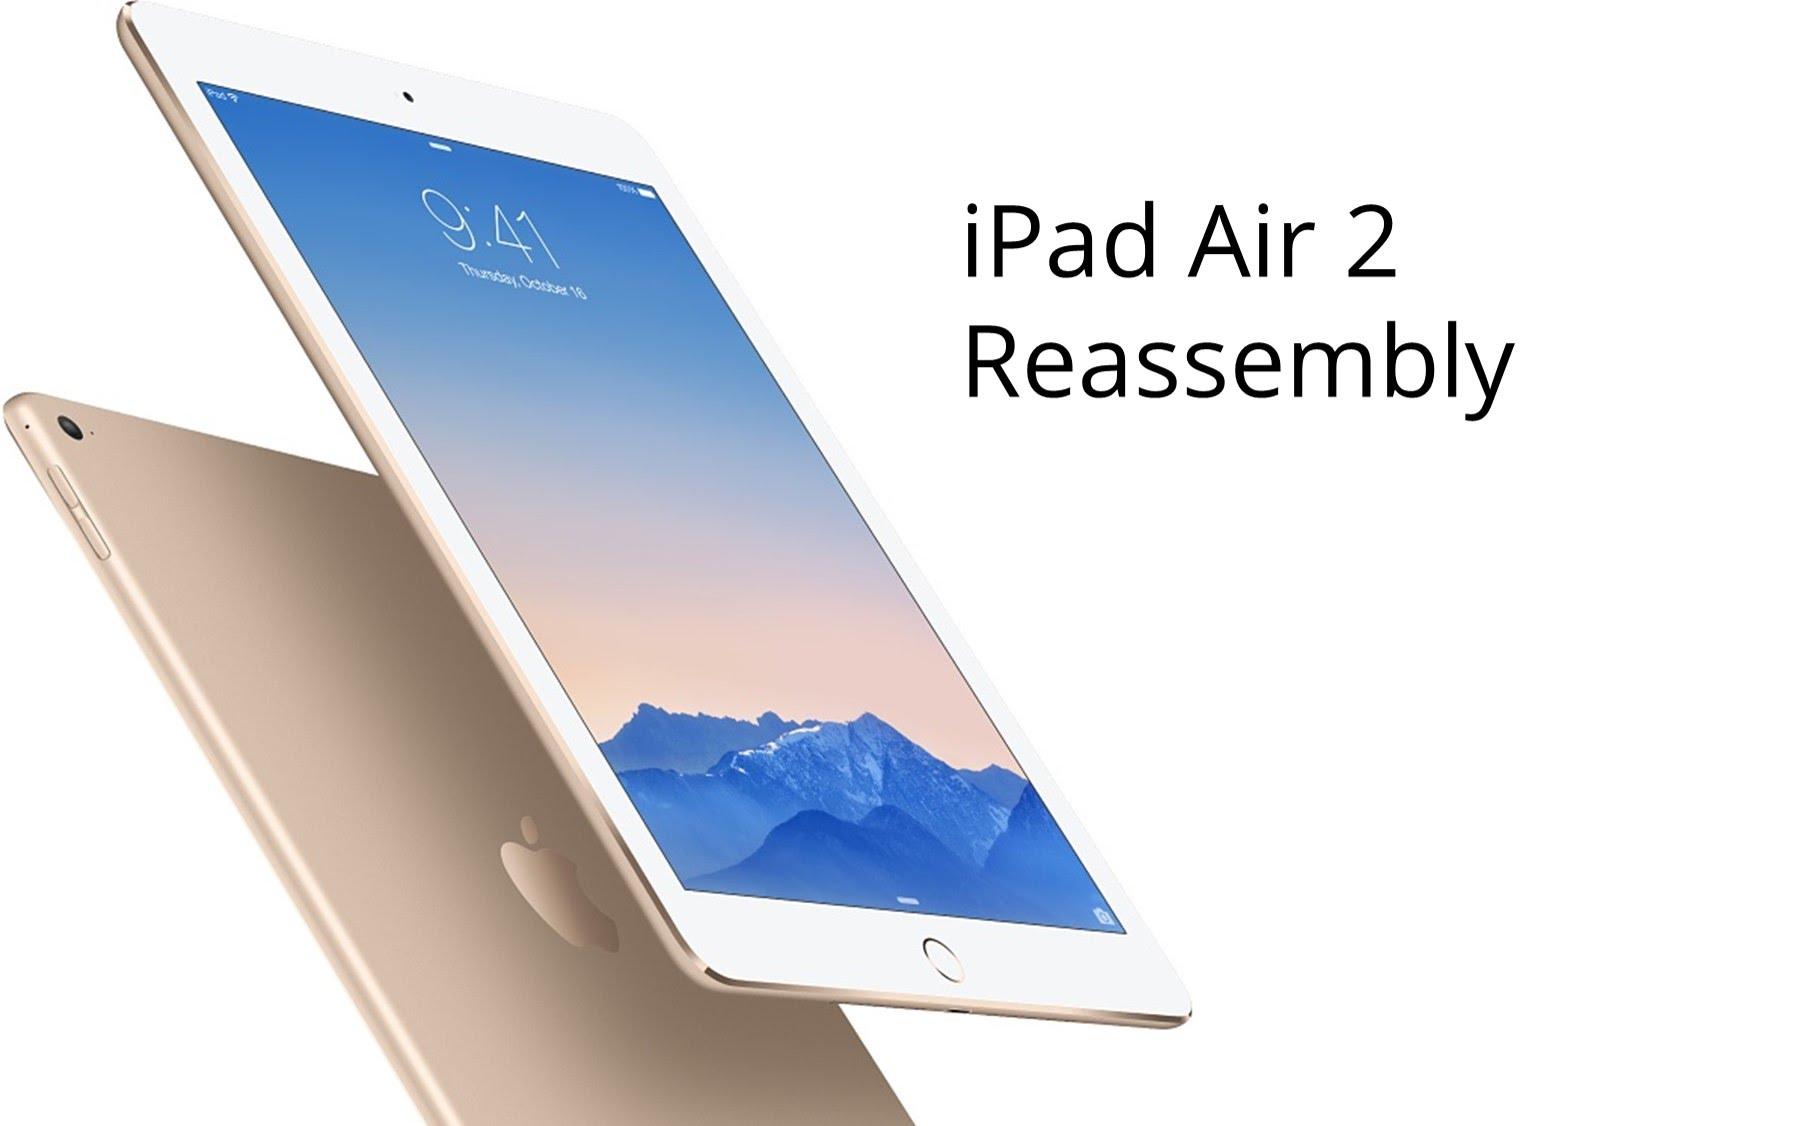 iPad air 2 部品組立方法動画